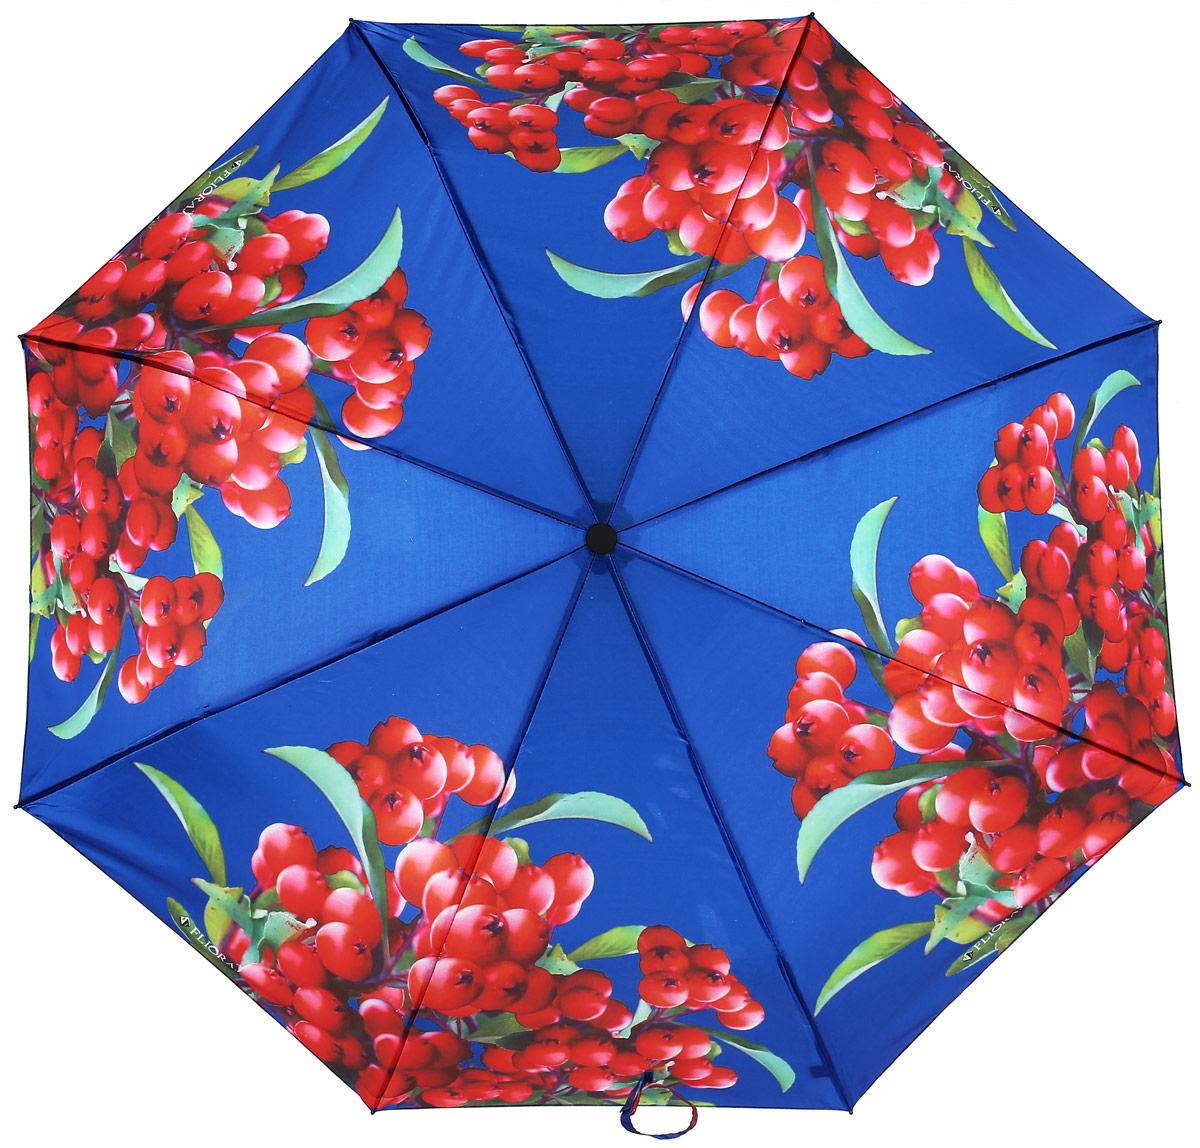 Зонт женский Flioraj, автомат, 3 сложения, цвет: красный, синий. 190212 FJ190212 FJЭлегантный зонт FJ. Уникальный каркас из анодированной стали, карбоновые спицы помогут выдержать натиск ураганного ветра. Улучшенный механизм зонта, максимально комфортная ручка держателя, увеличенный в длину стержень, тефлоновая пропитка материала купола - совершенство конструкции с изысканностью изделия на фоне конкурентоспособной цены.